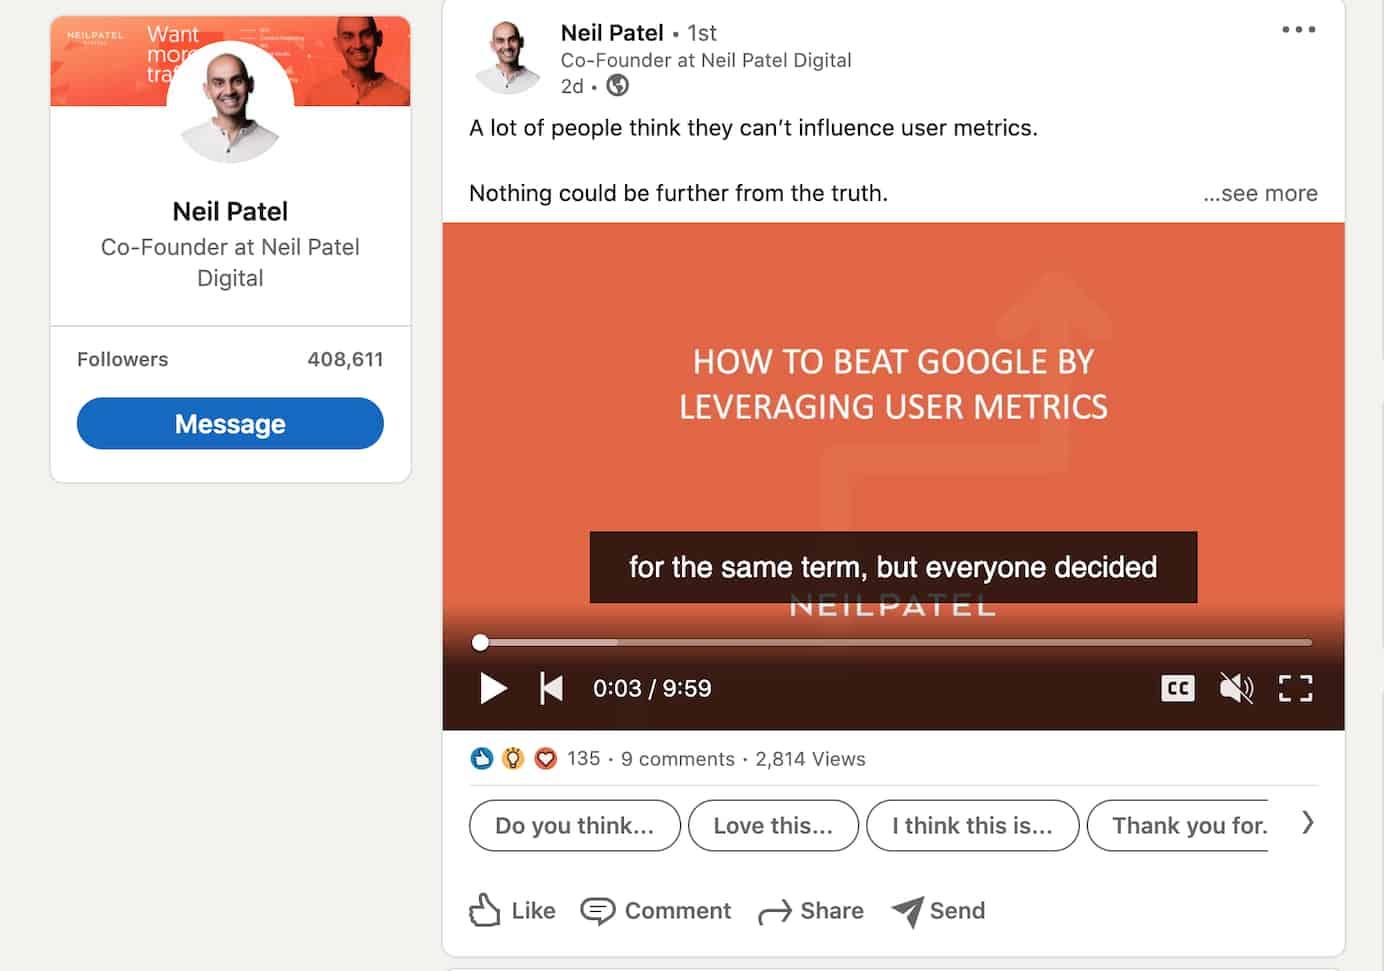 Neil Patel activity on LinkedIn